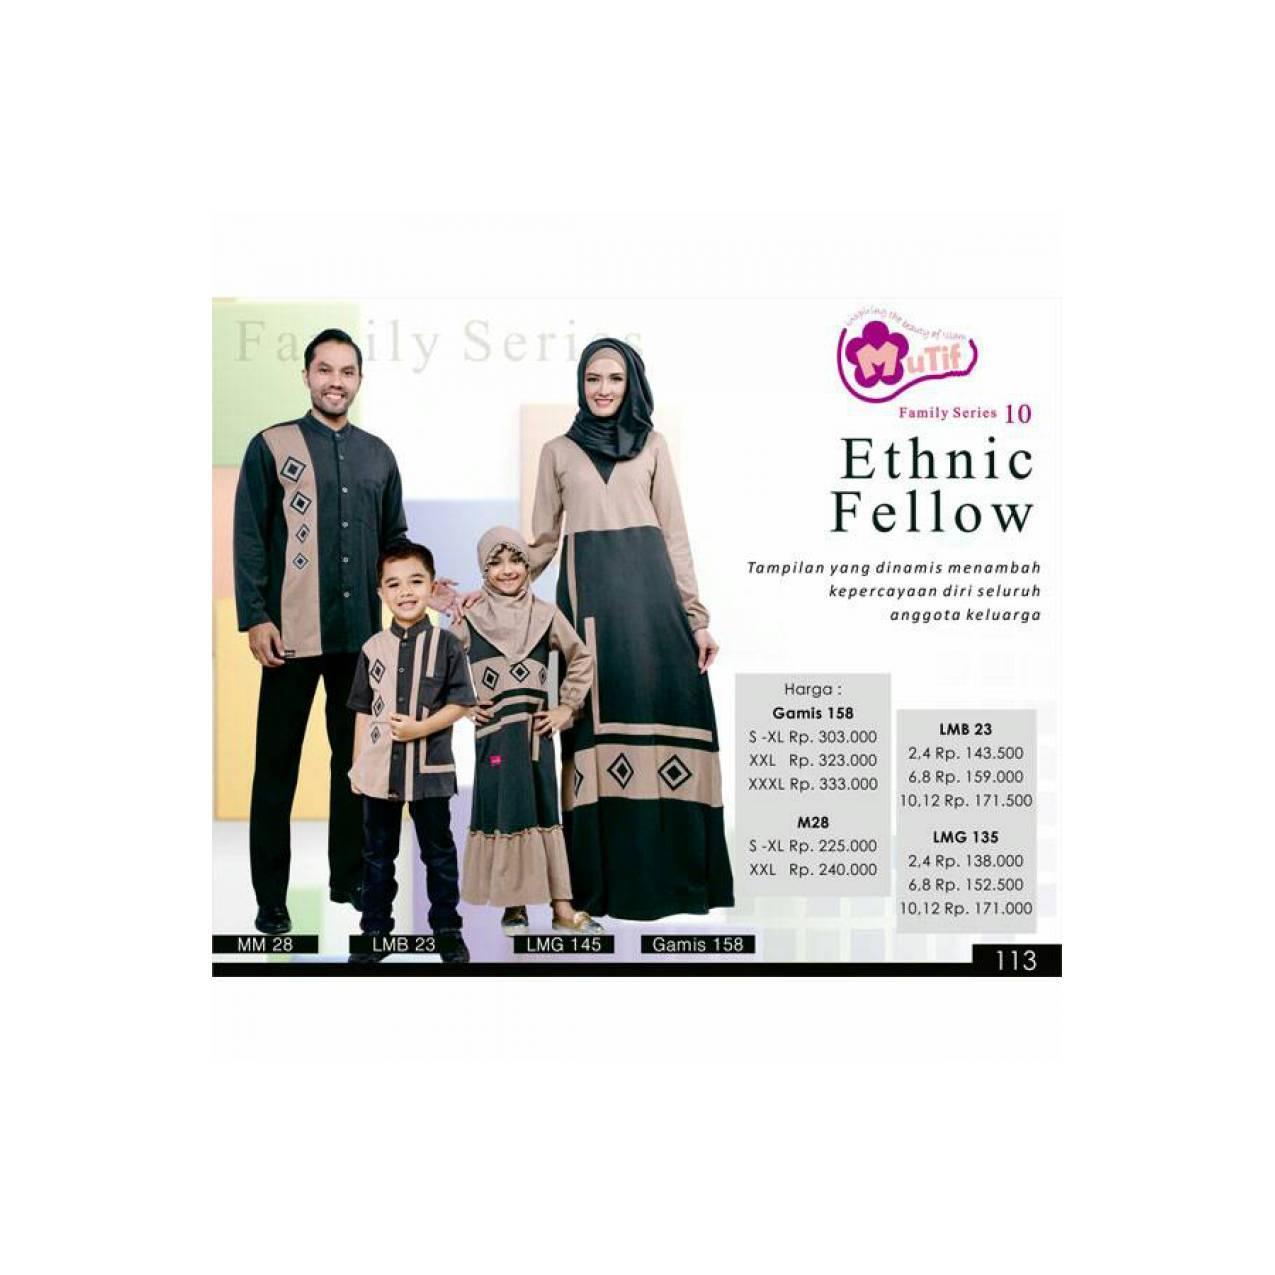 baju sarimbit muslim/Baju sarimbit keluarga/sarimbit/seragam sarimbit